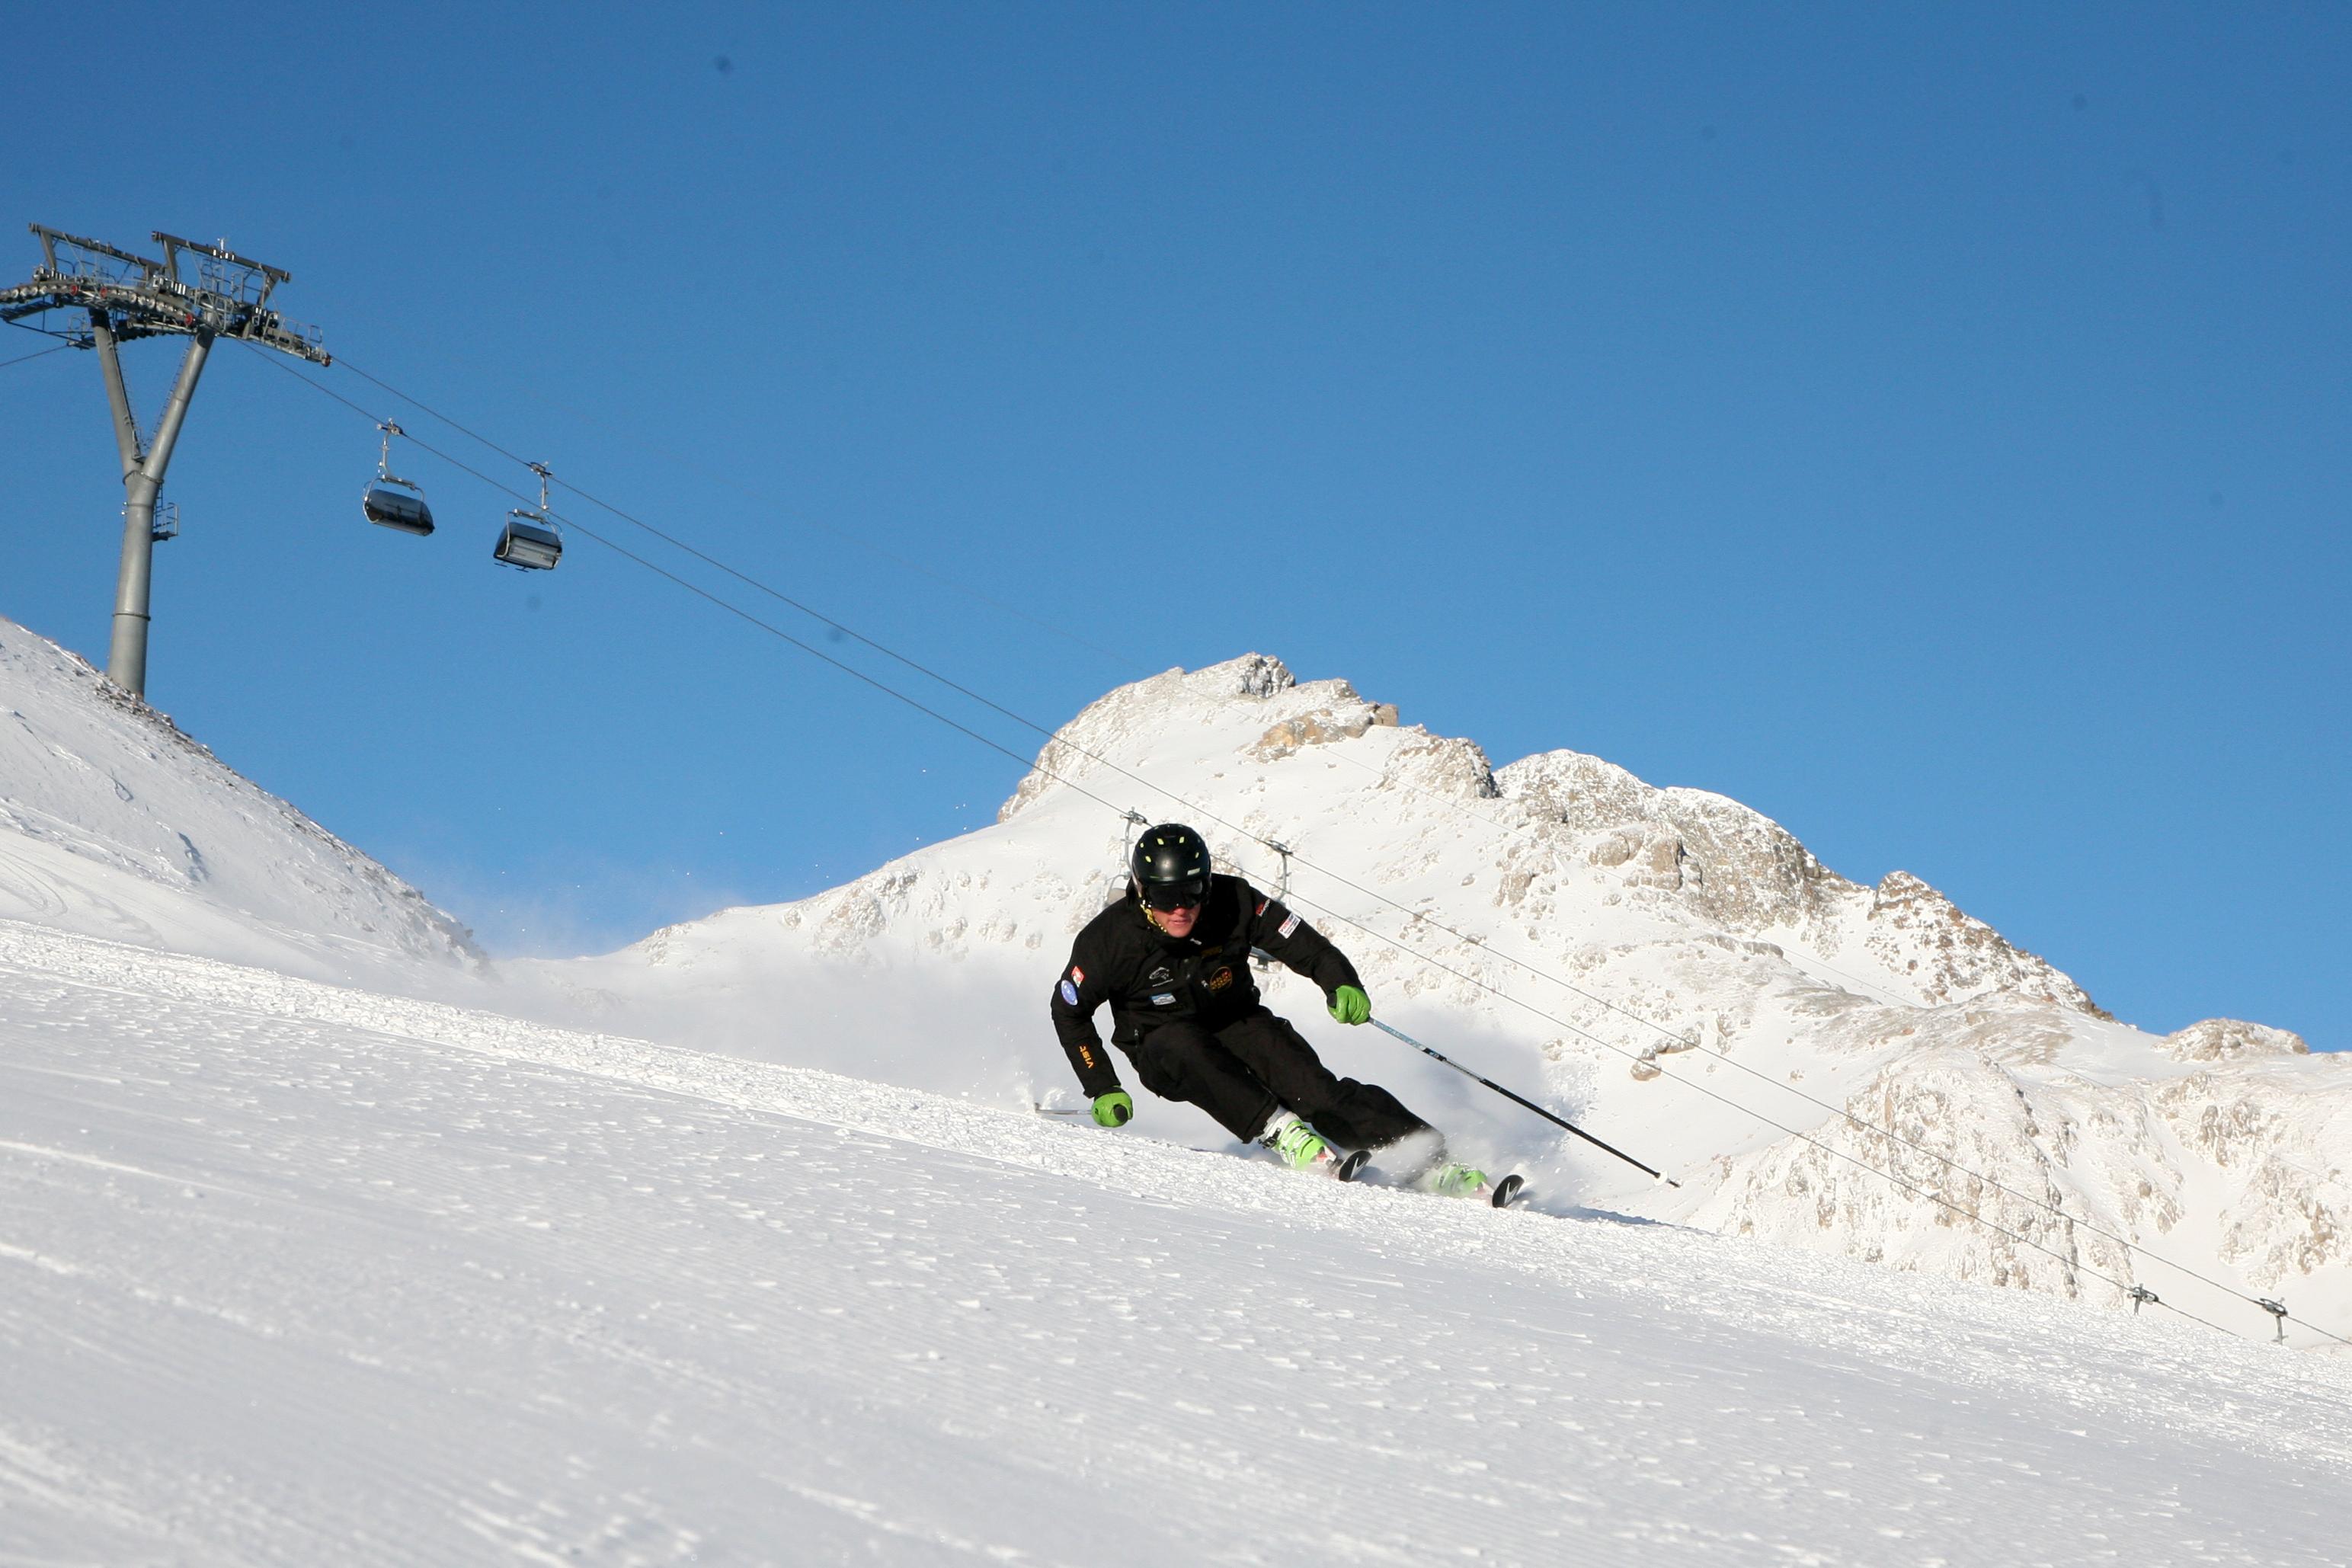 Ski Cool St. Moritz Slide 3